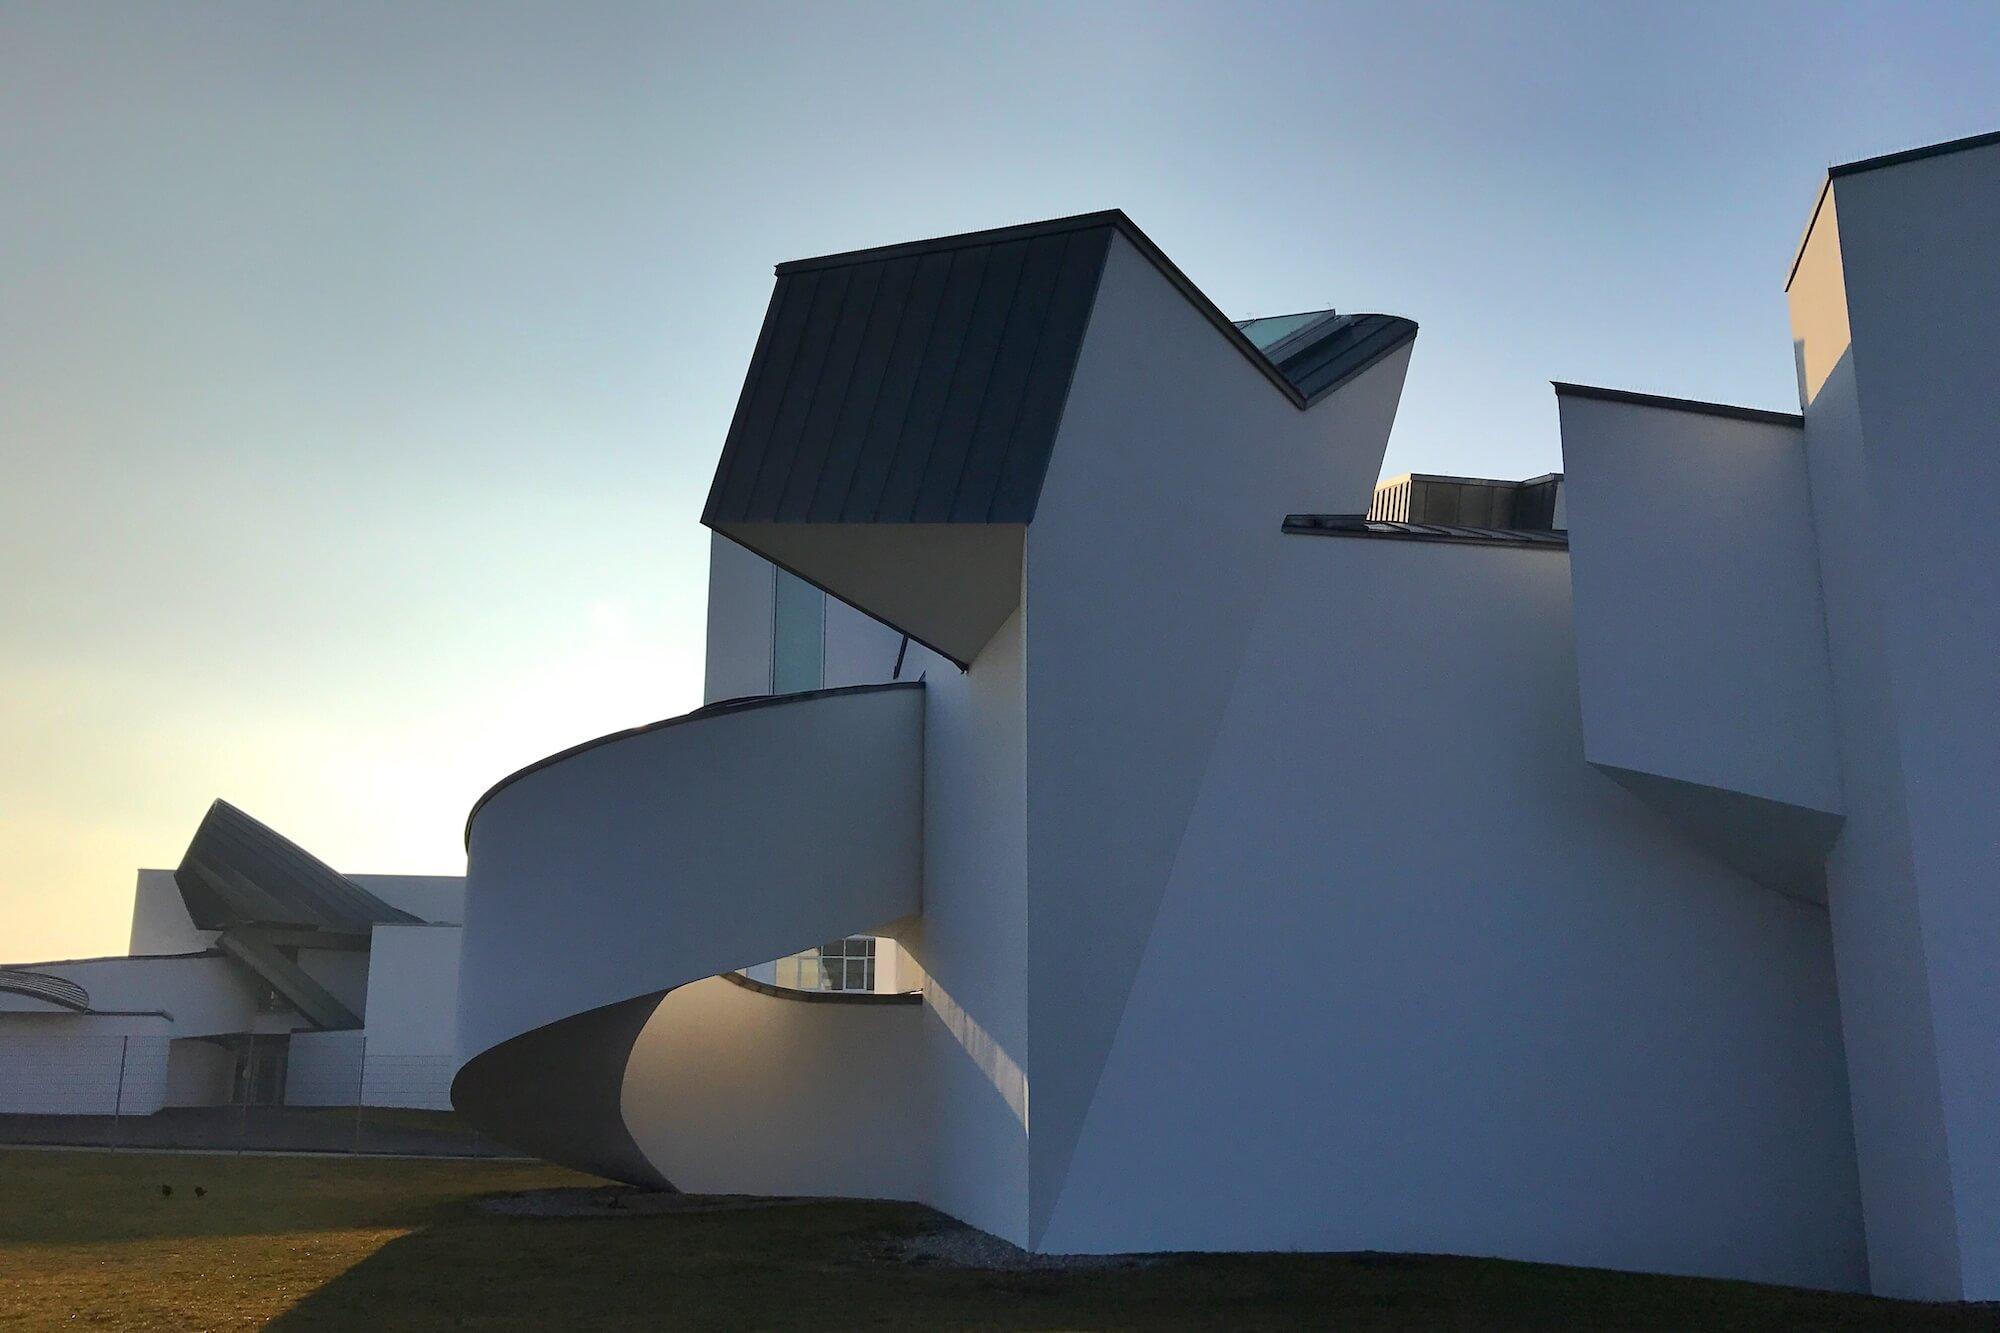 Der Rehbergerweg des Künstlers Tobias Rehberger verbindet das Vitra Design Museum und die Fondation Beyeler - und damit auch zwei Länder.